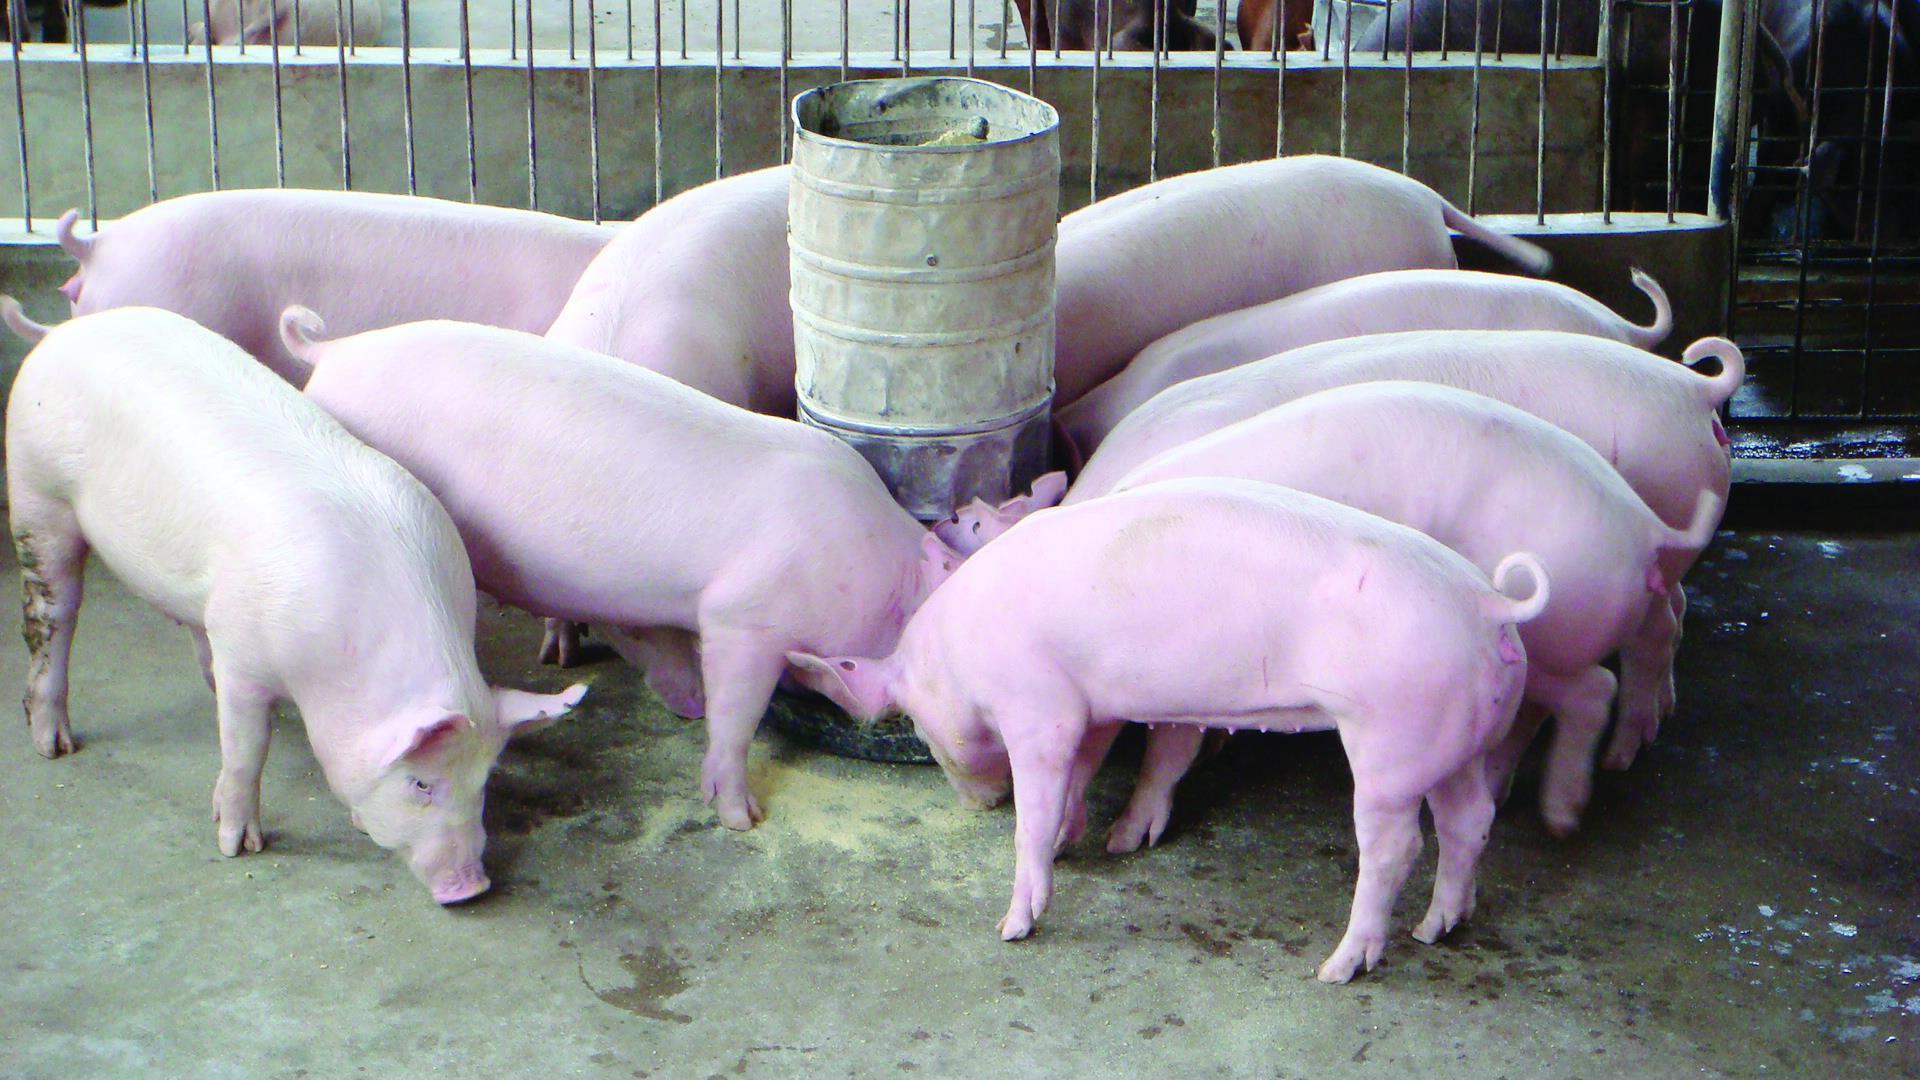 Tuân thủ kỹ thuật nuôi heo thịt đảm bảo chất lượng khi xuất chuồng